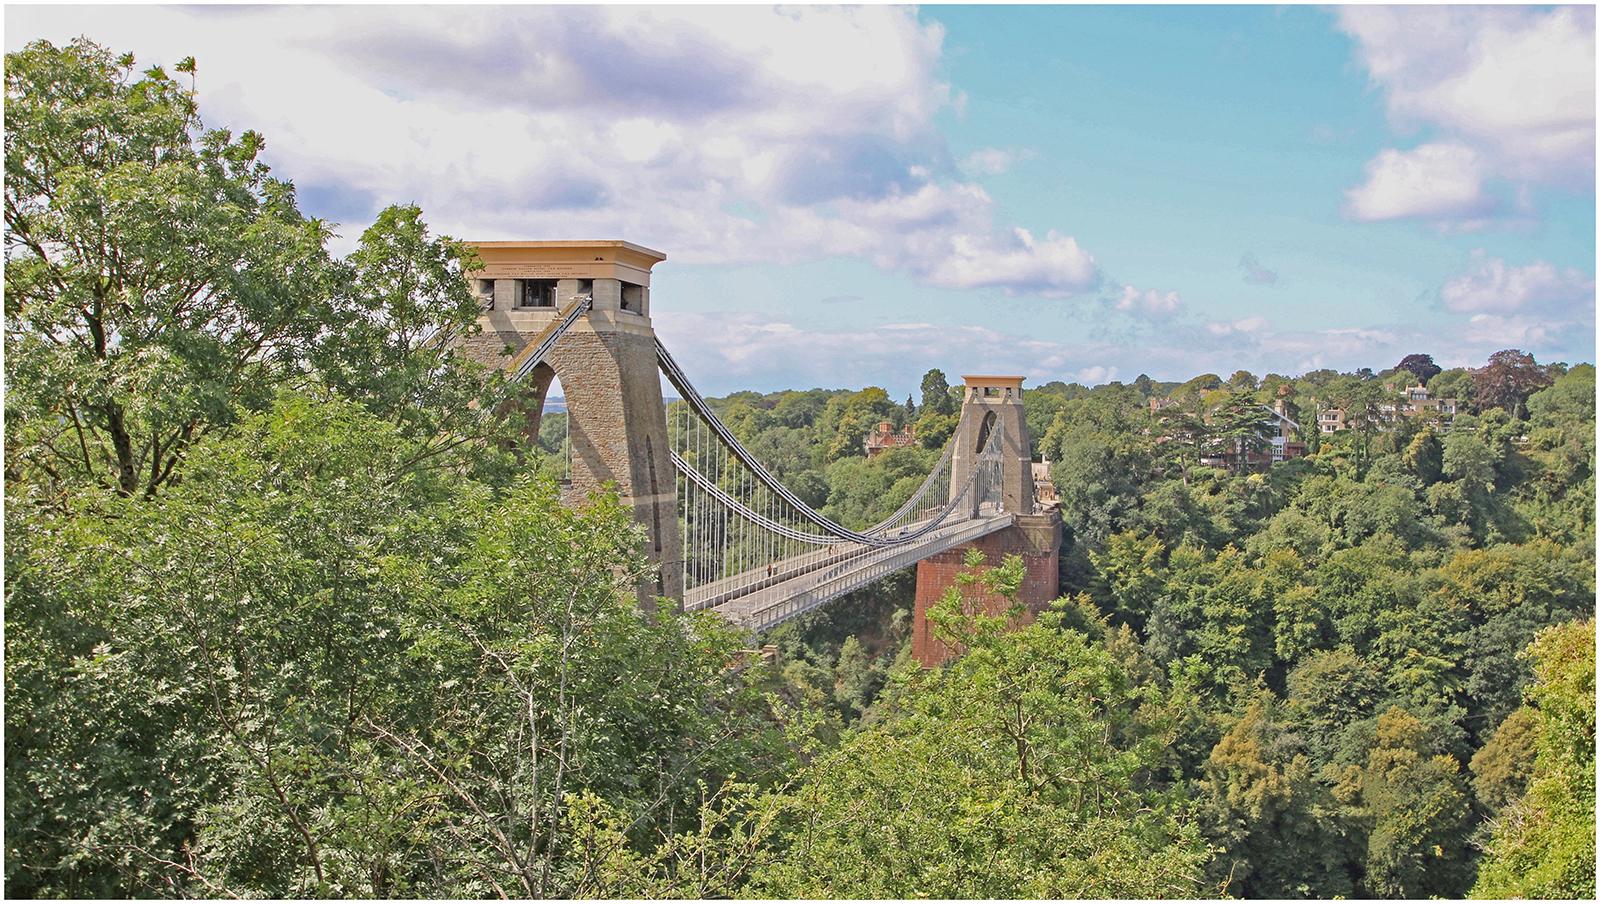 006_Clifton_Suspension_Bridge